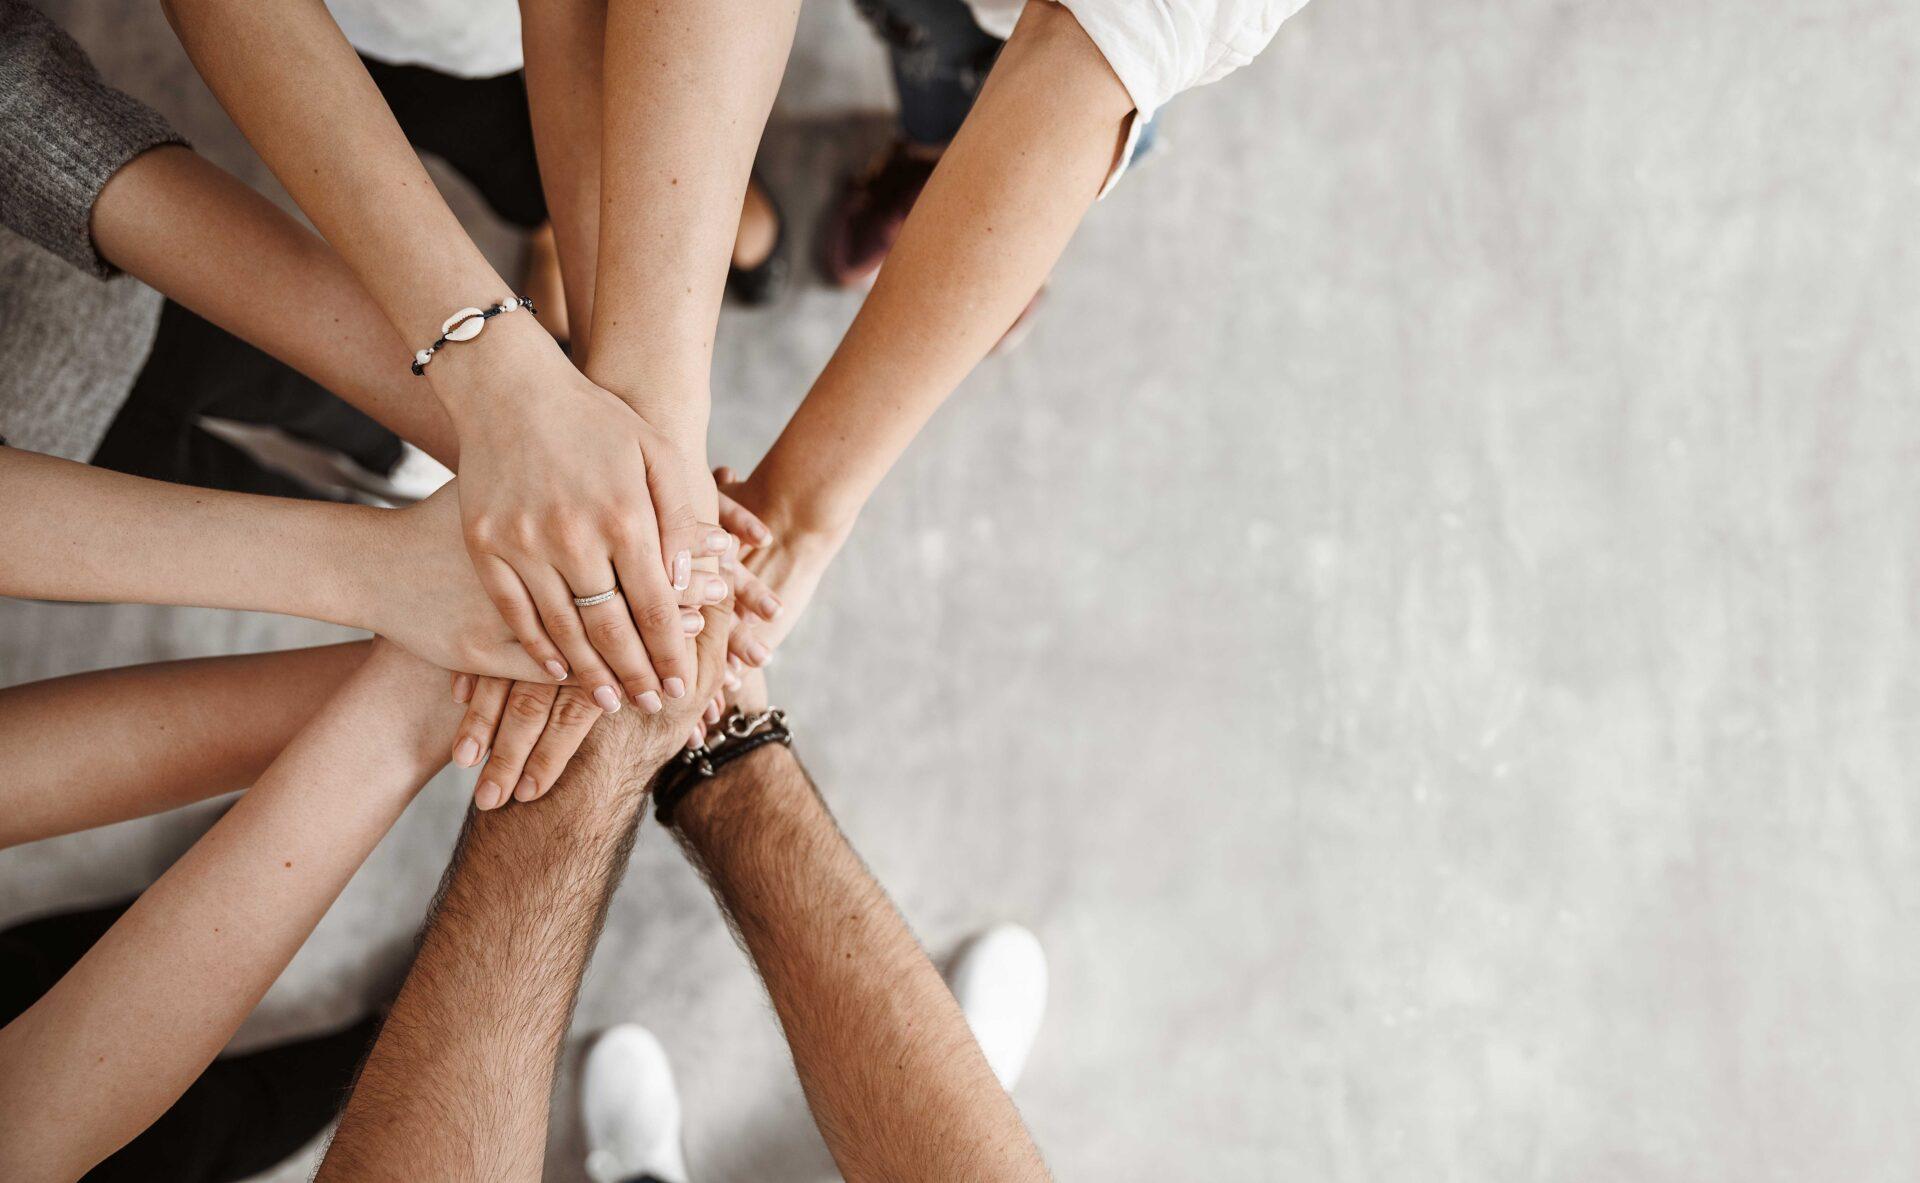 Team von Deutsch-französische Berater in einer Team-Rufposition mit den Händen in der Mitte